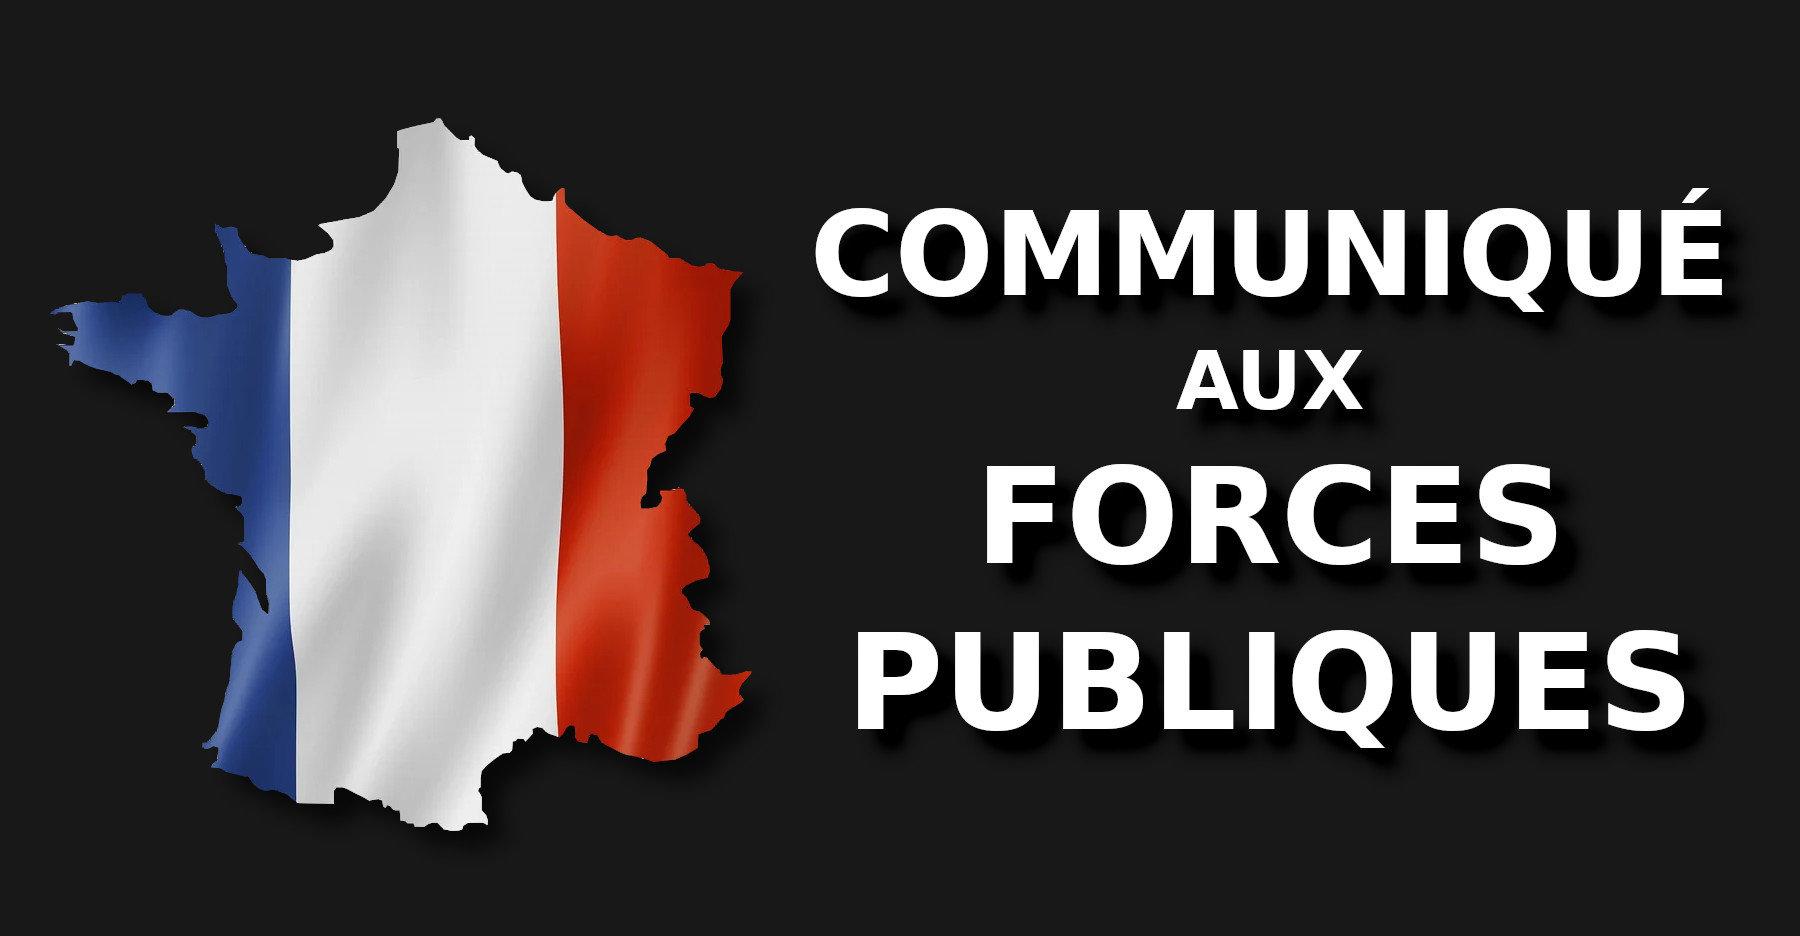 Communique Aux Forces Publiques